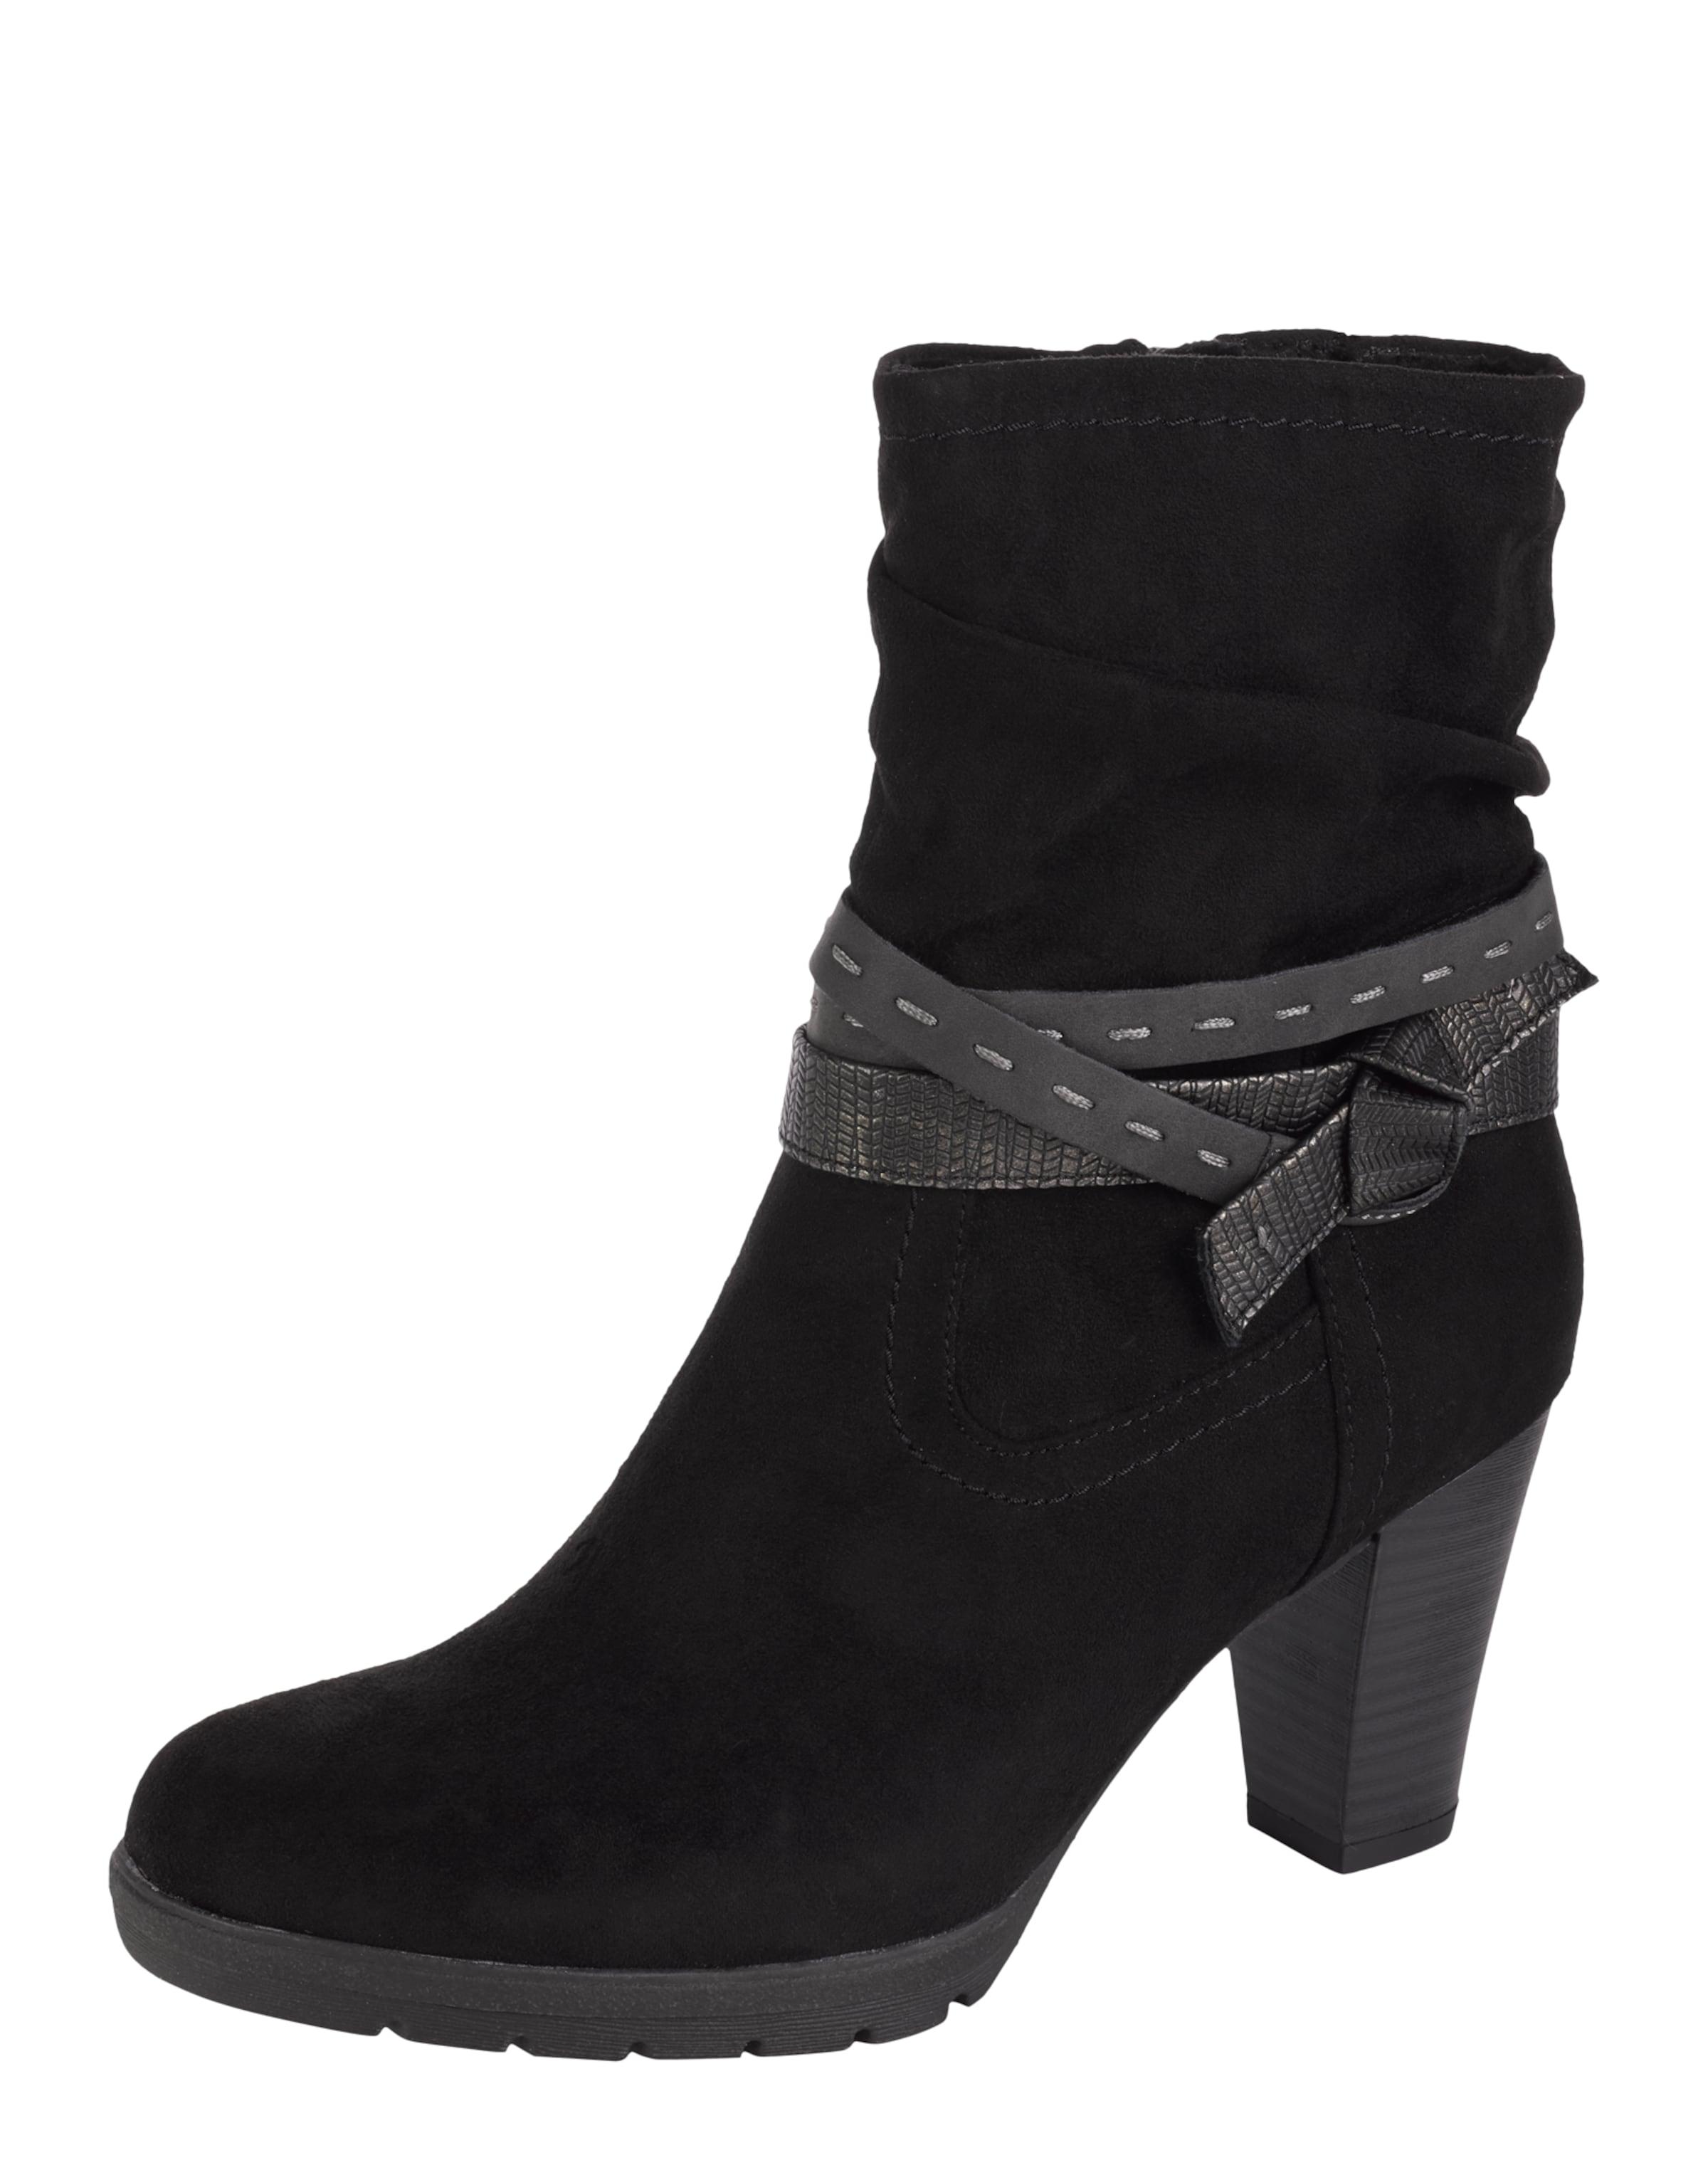 TAMARIS Stiefel mit Schleifendetail Günstige und langlebige Schuhe